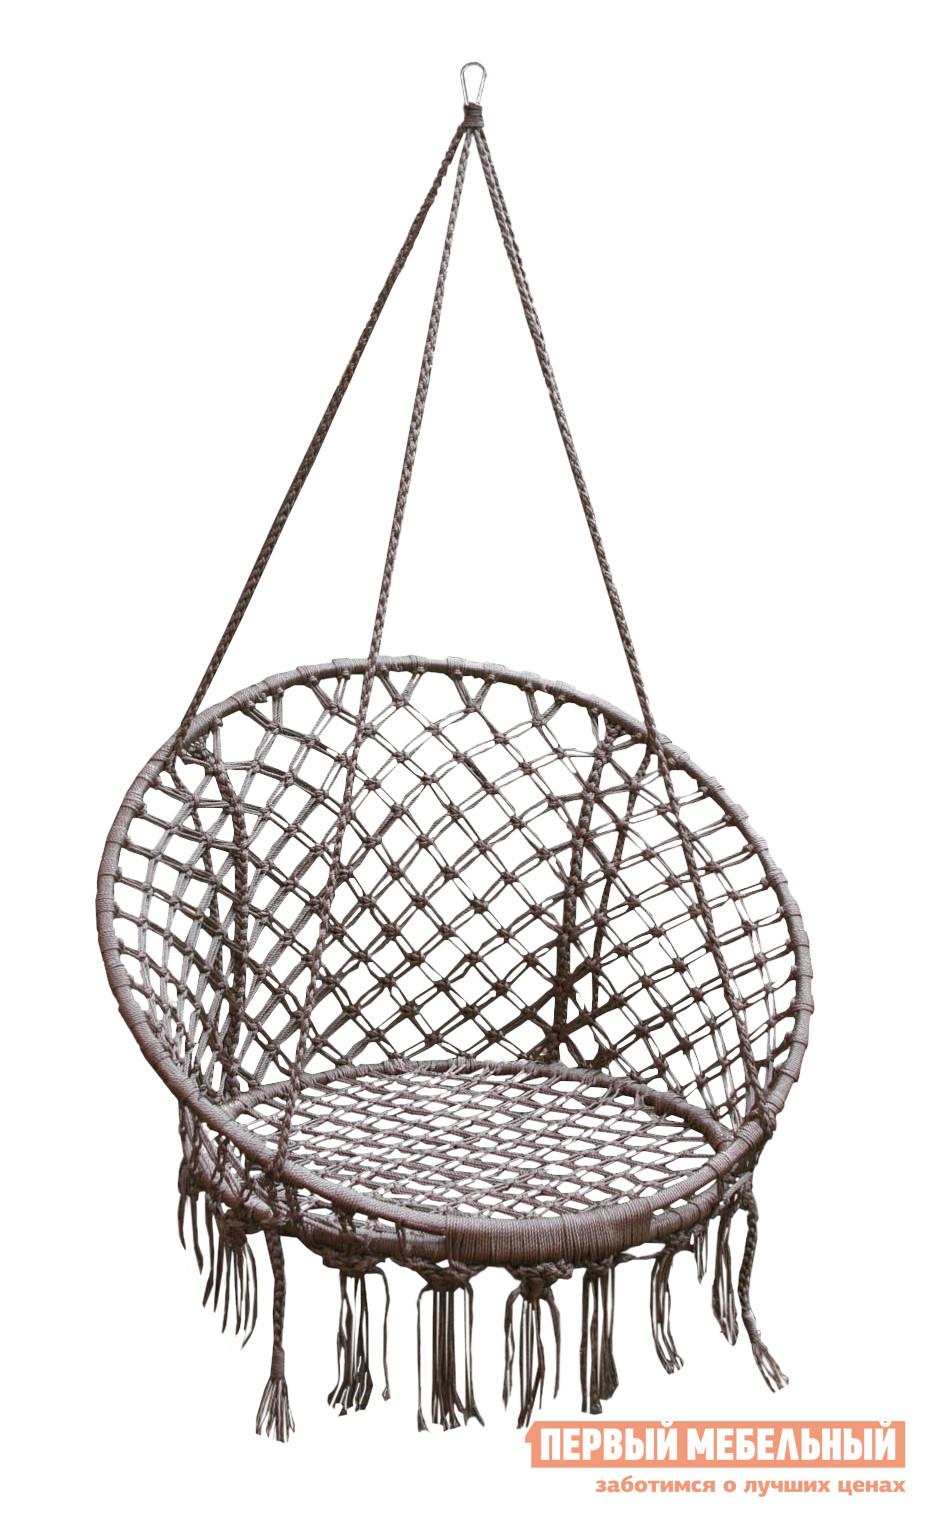 Круглое подвесное кресло без стойки Besta fiesta ARUBA гамак besta fiesta kolombus